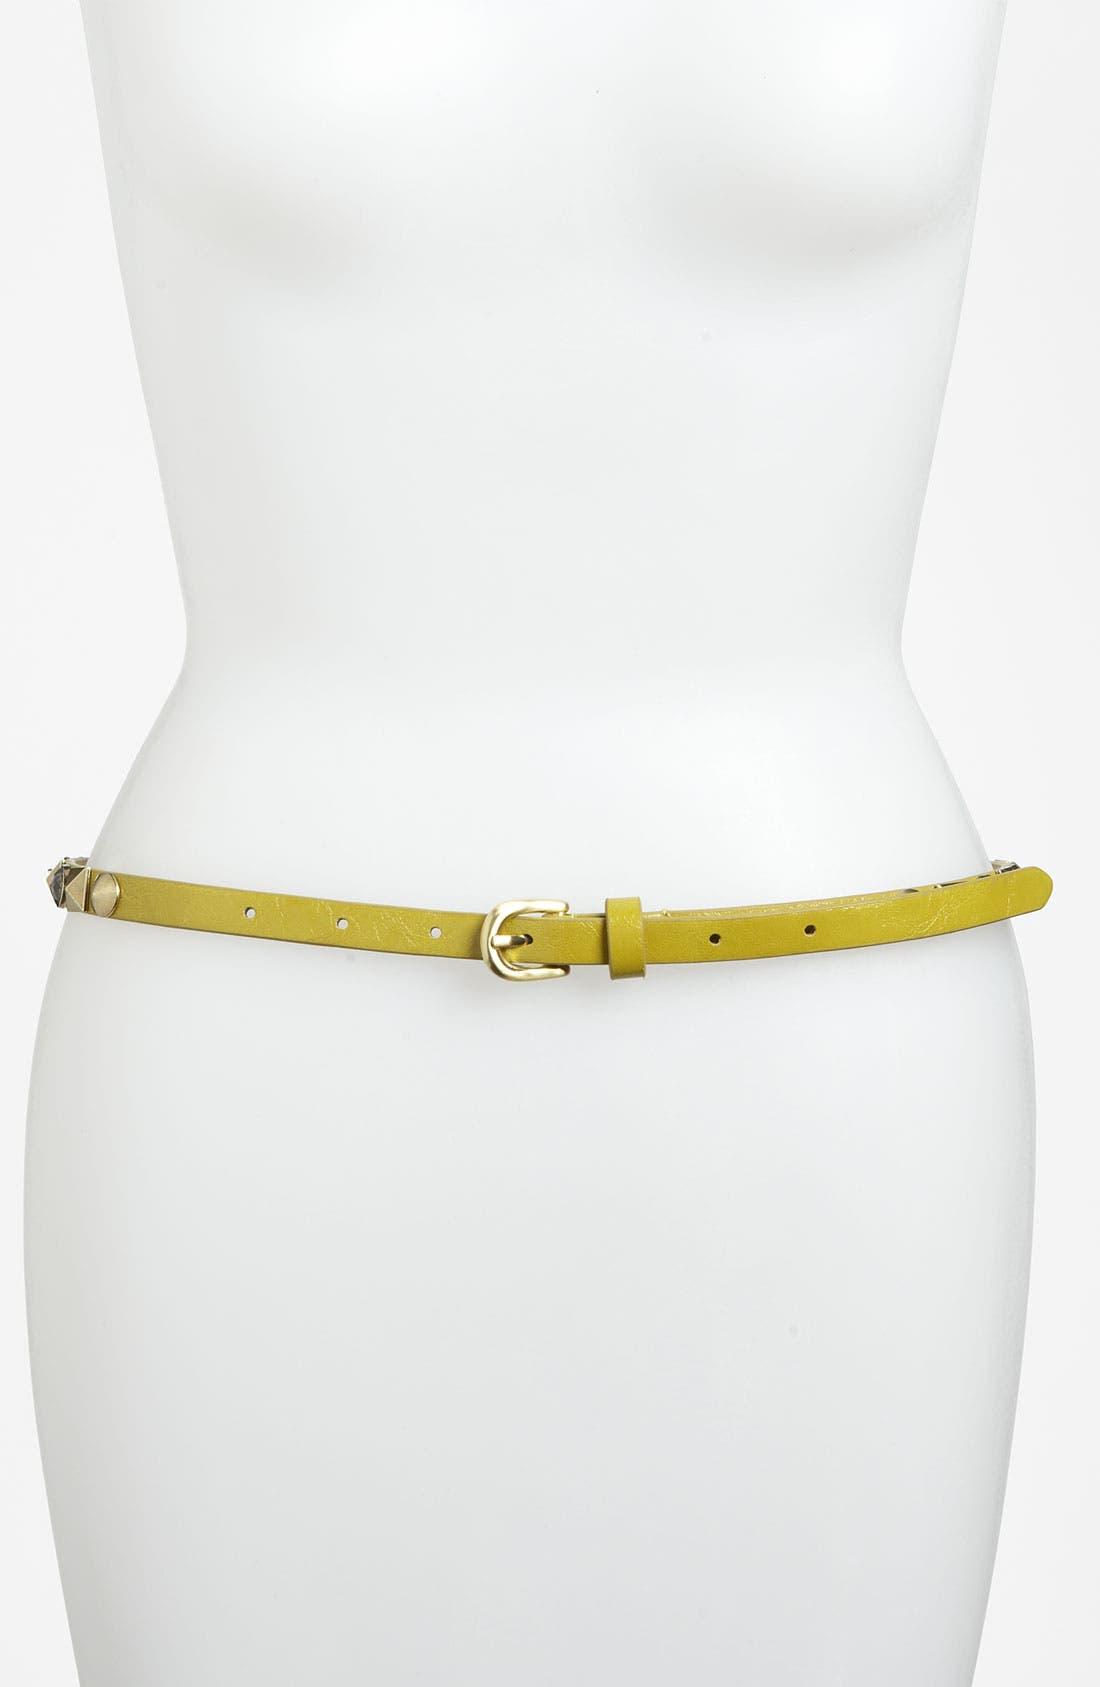 Alternate Image 1 Selected - Betsey Johnson Studded Skinny Belt